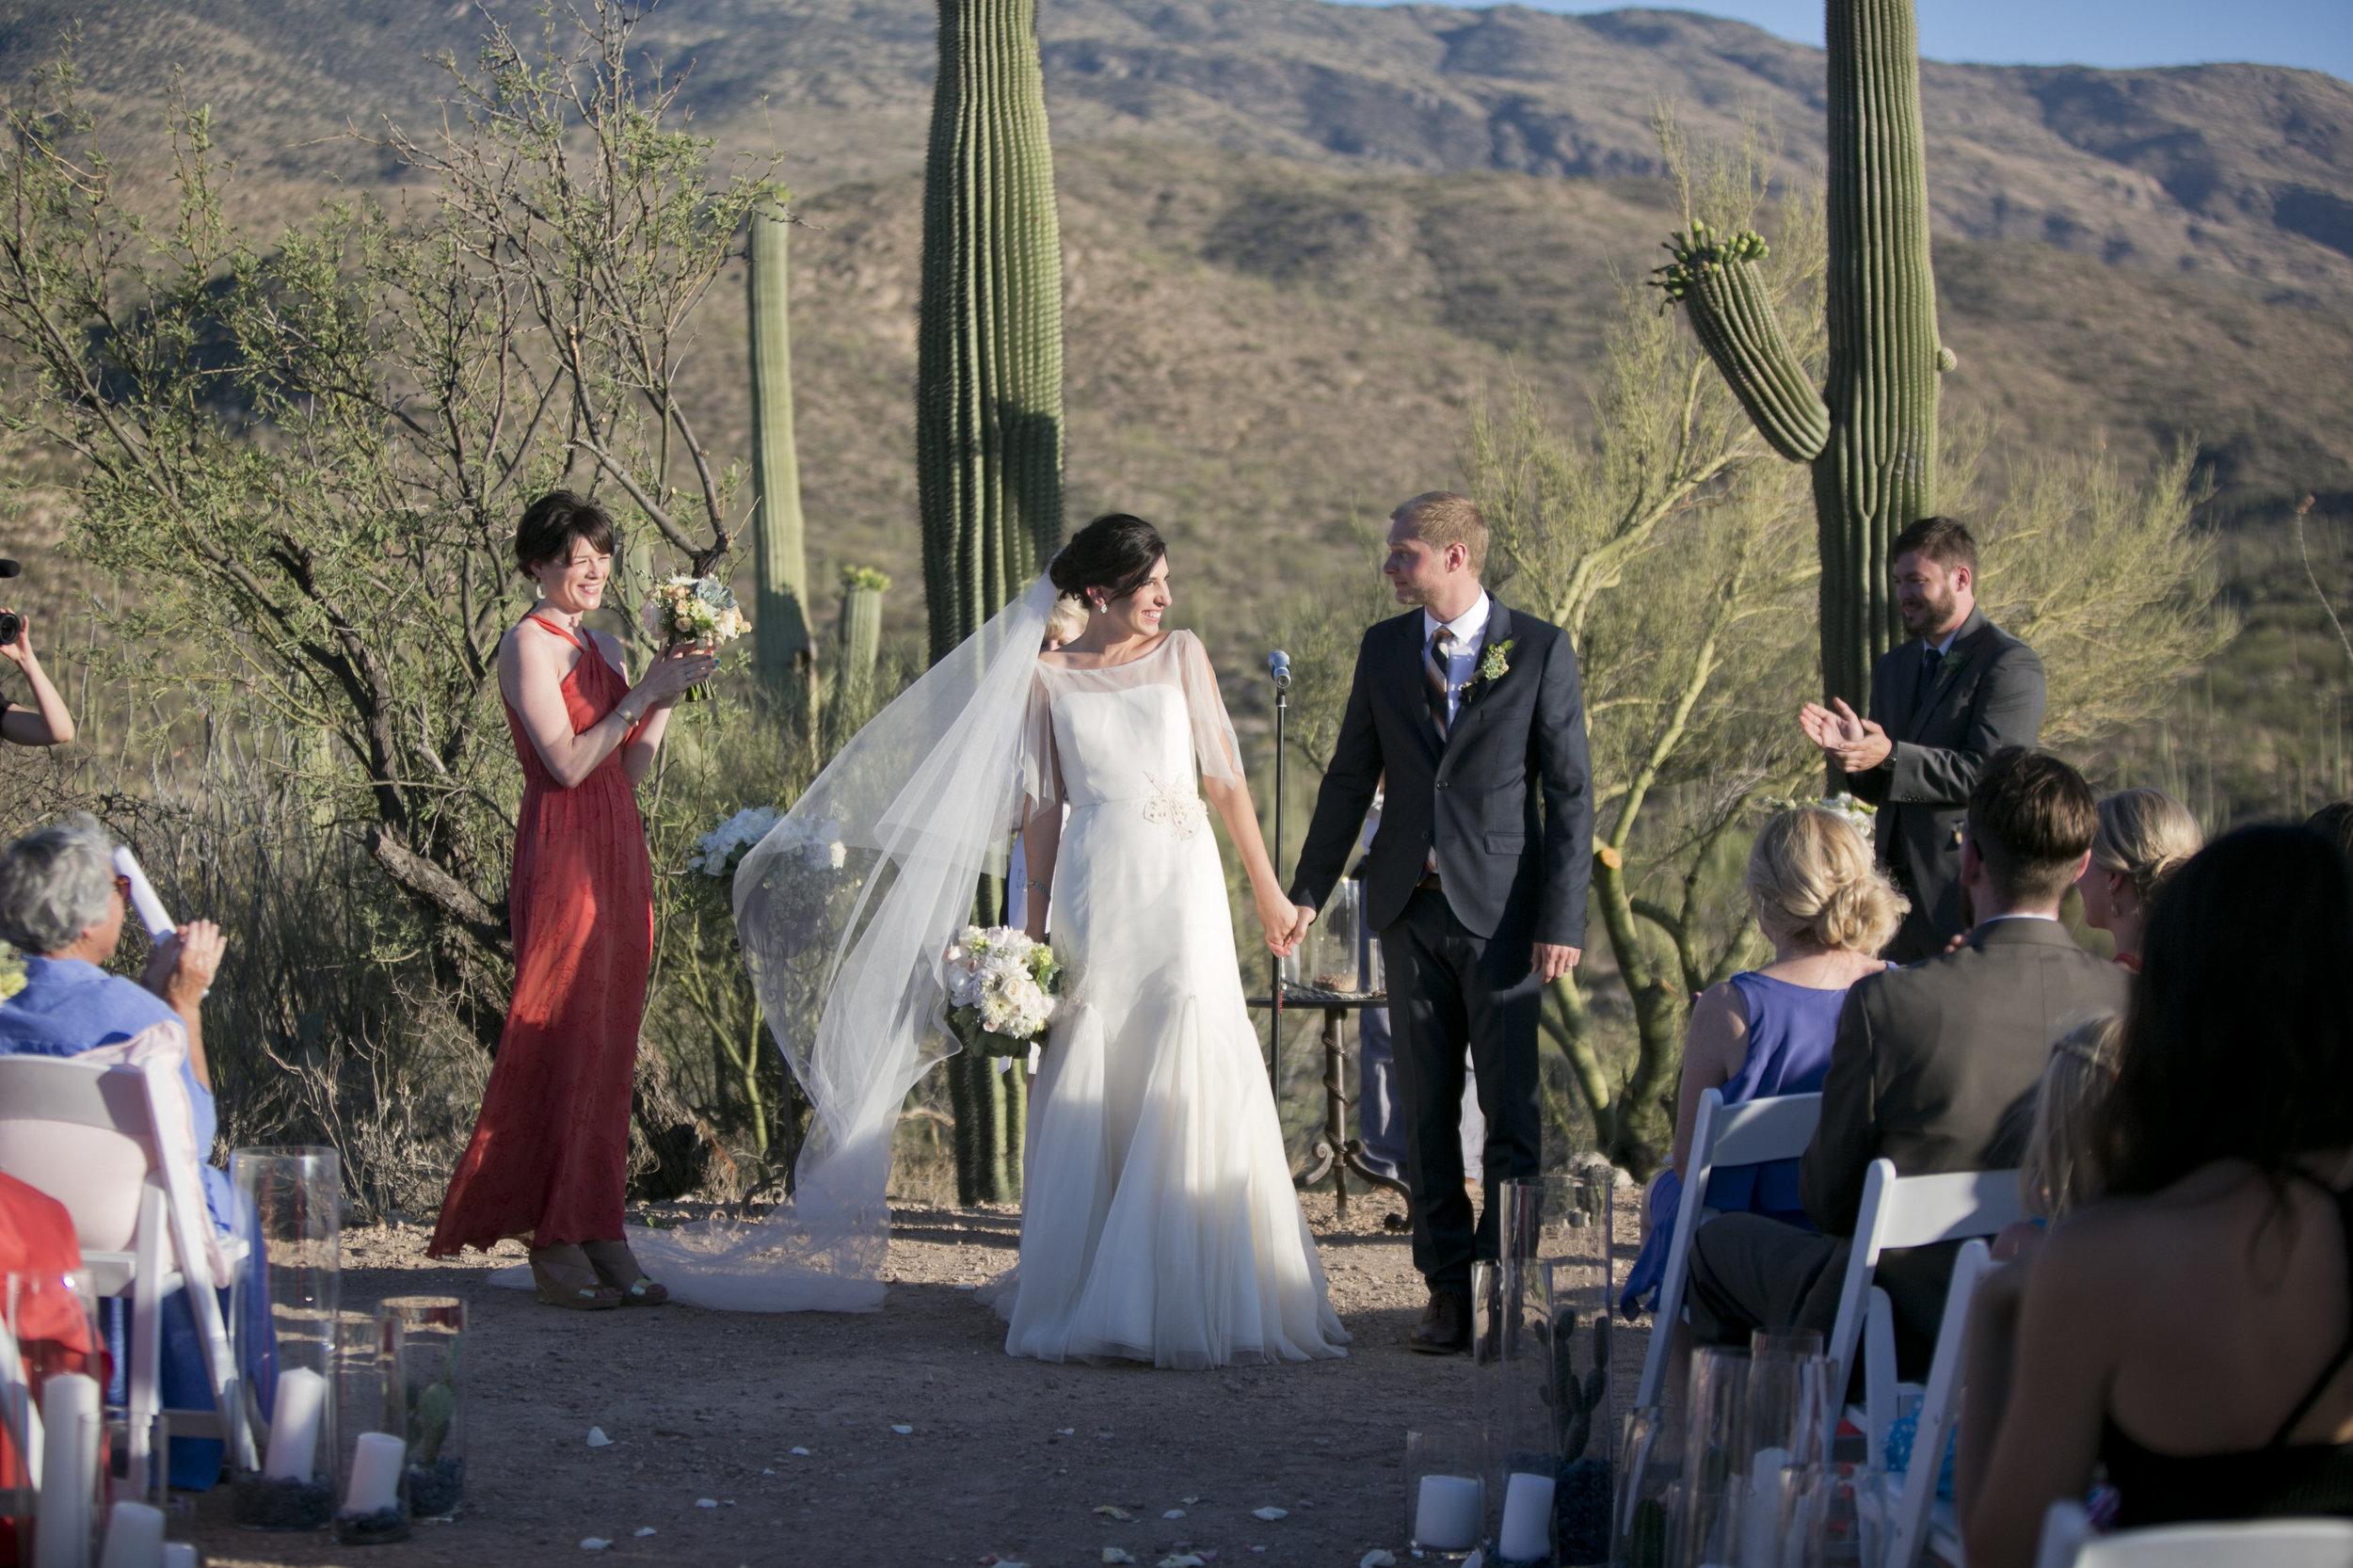 Ceci_New_York_Ceci_Style_Ceci_Johnson_Luxury_Lifestyle_Arizona_Wedding_Watercolor_Inspiration_Design_Custom_Couture_Personalized_Invitations_126.jpg